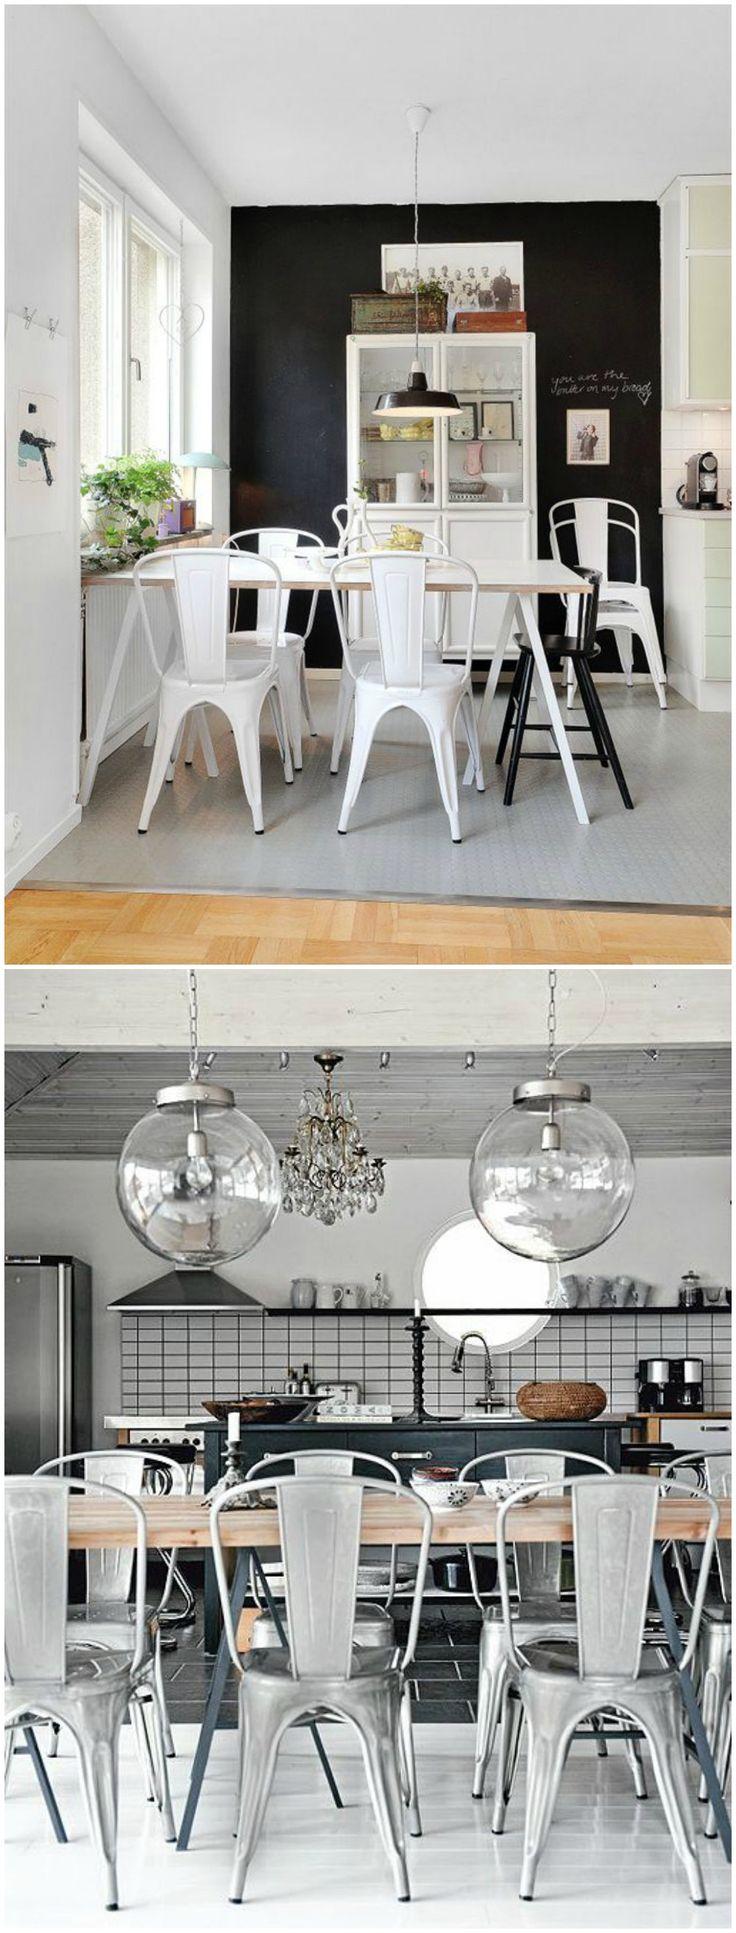 Silla tolix silla de estilo industrial visto en www for Sillas para comedor industrial